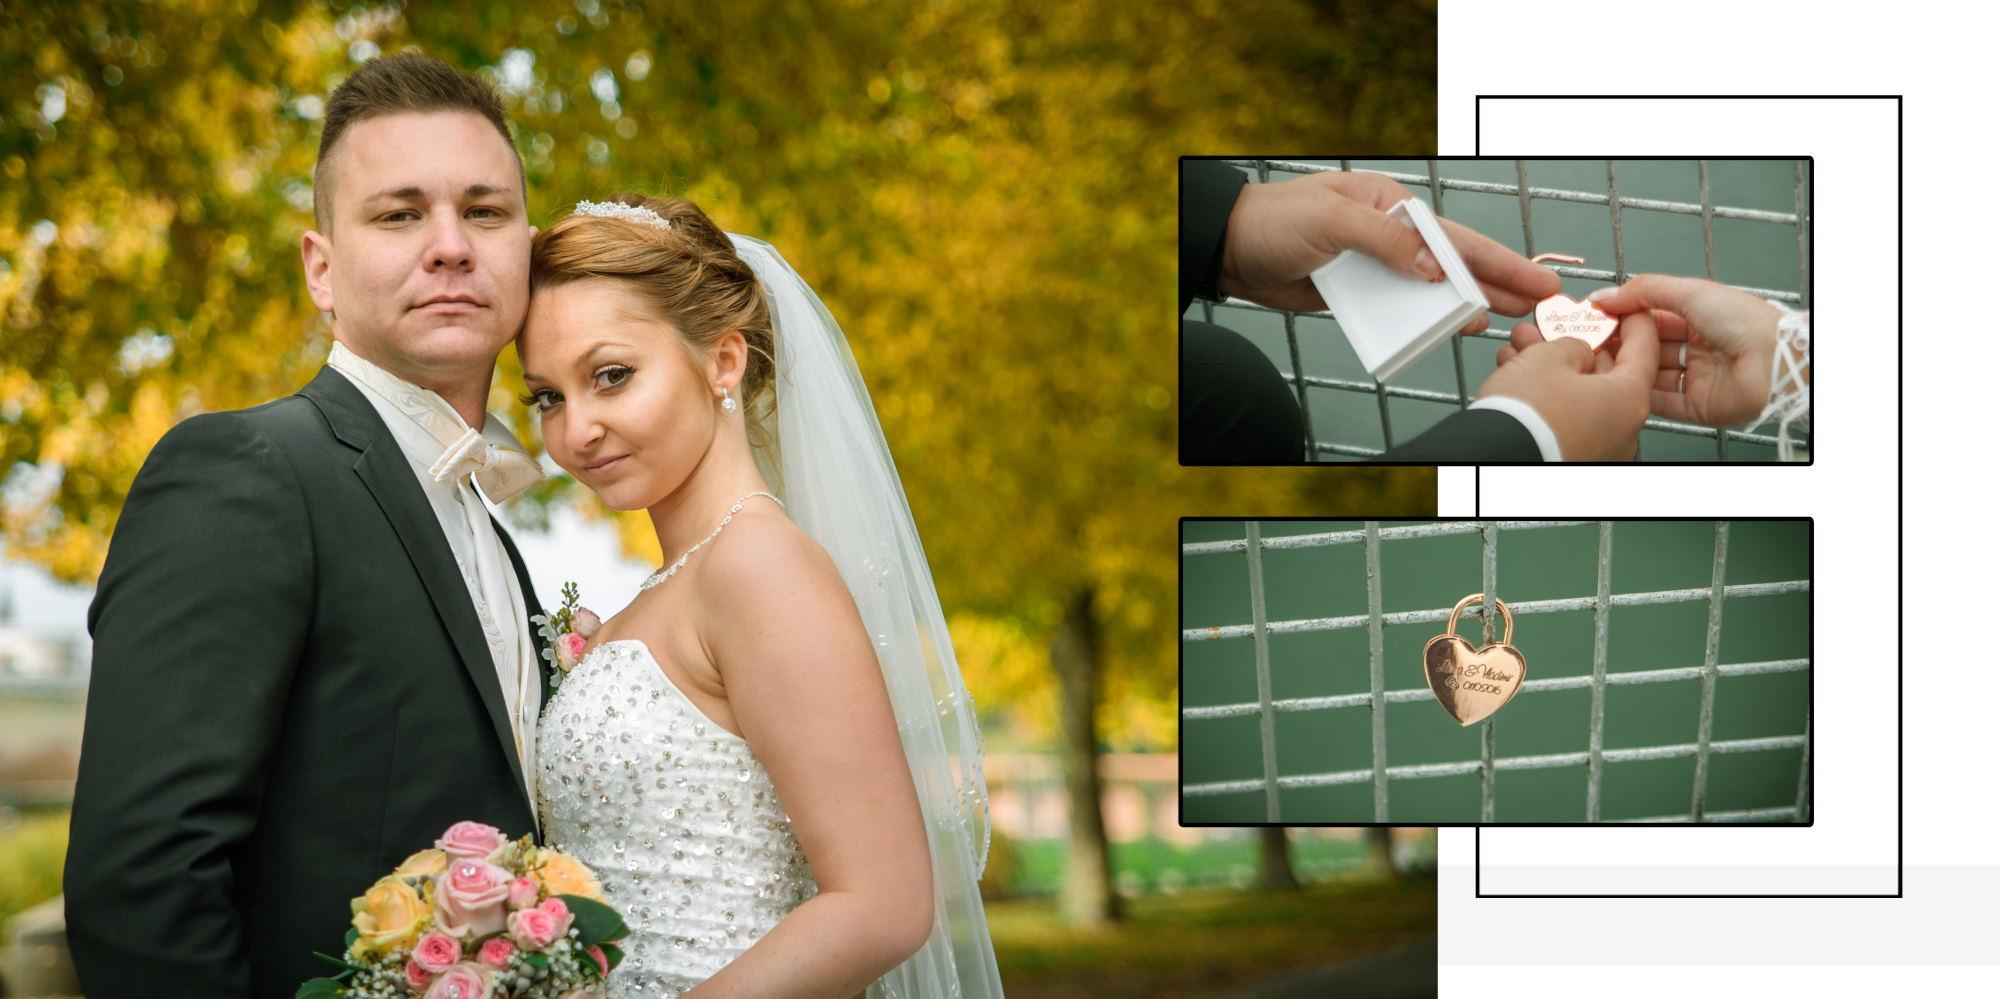 Hochzeitsfotos Tipps im Klenzepark Ingolstadt